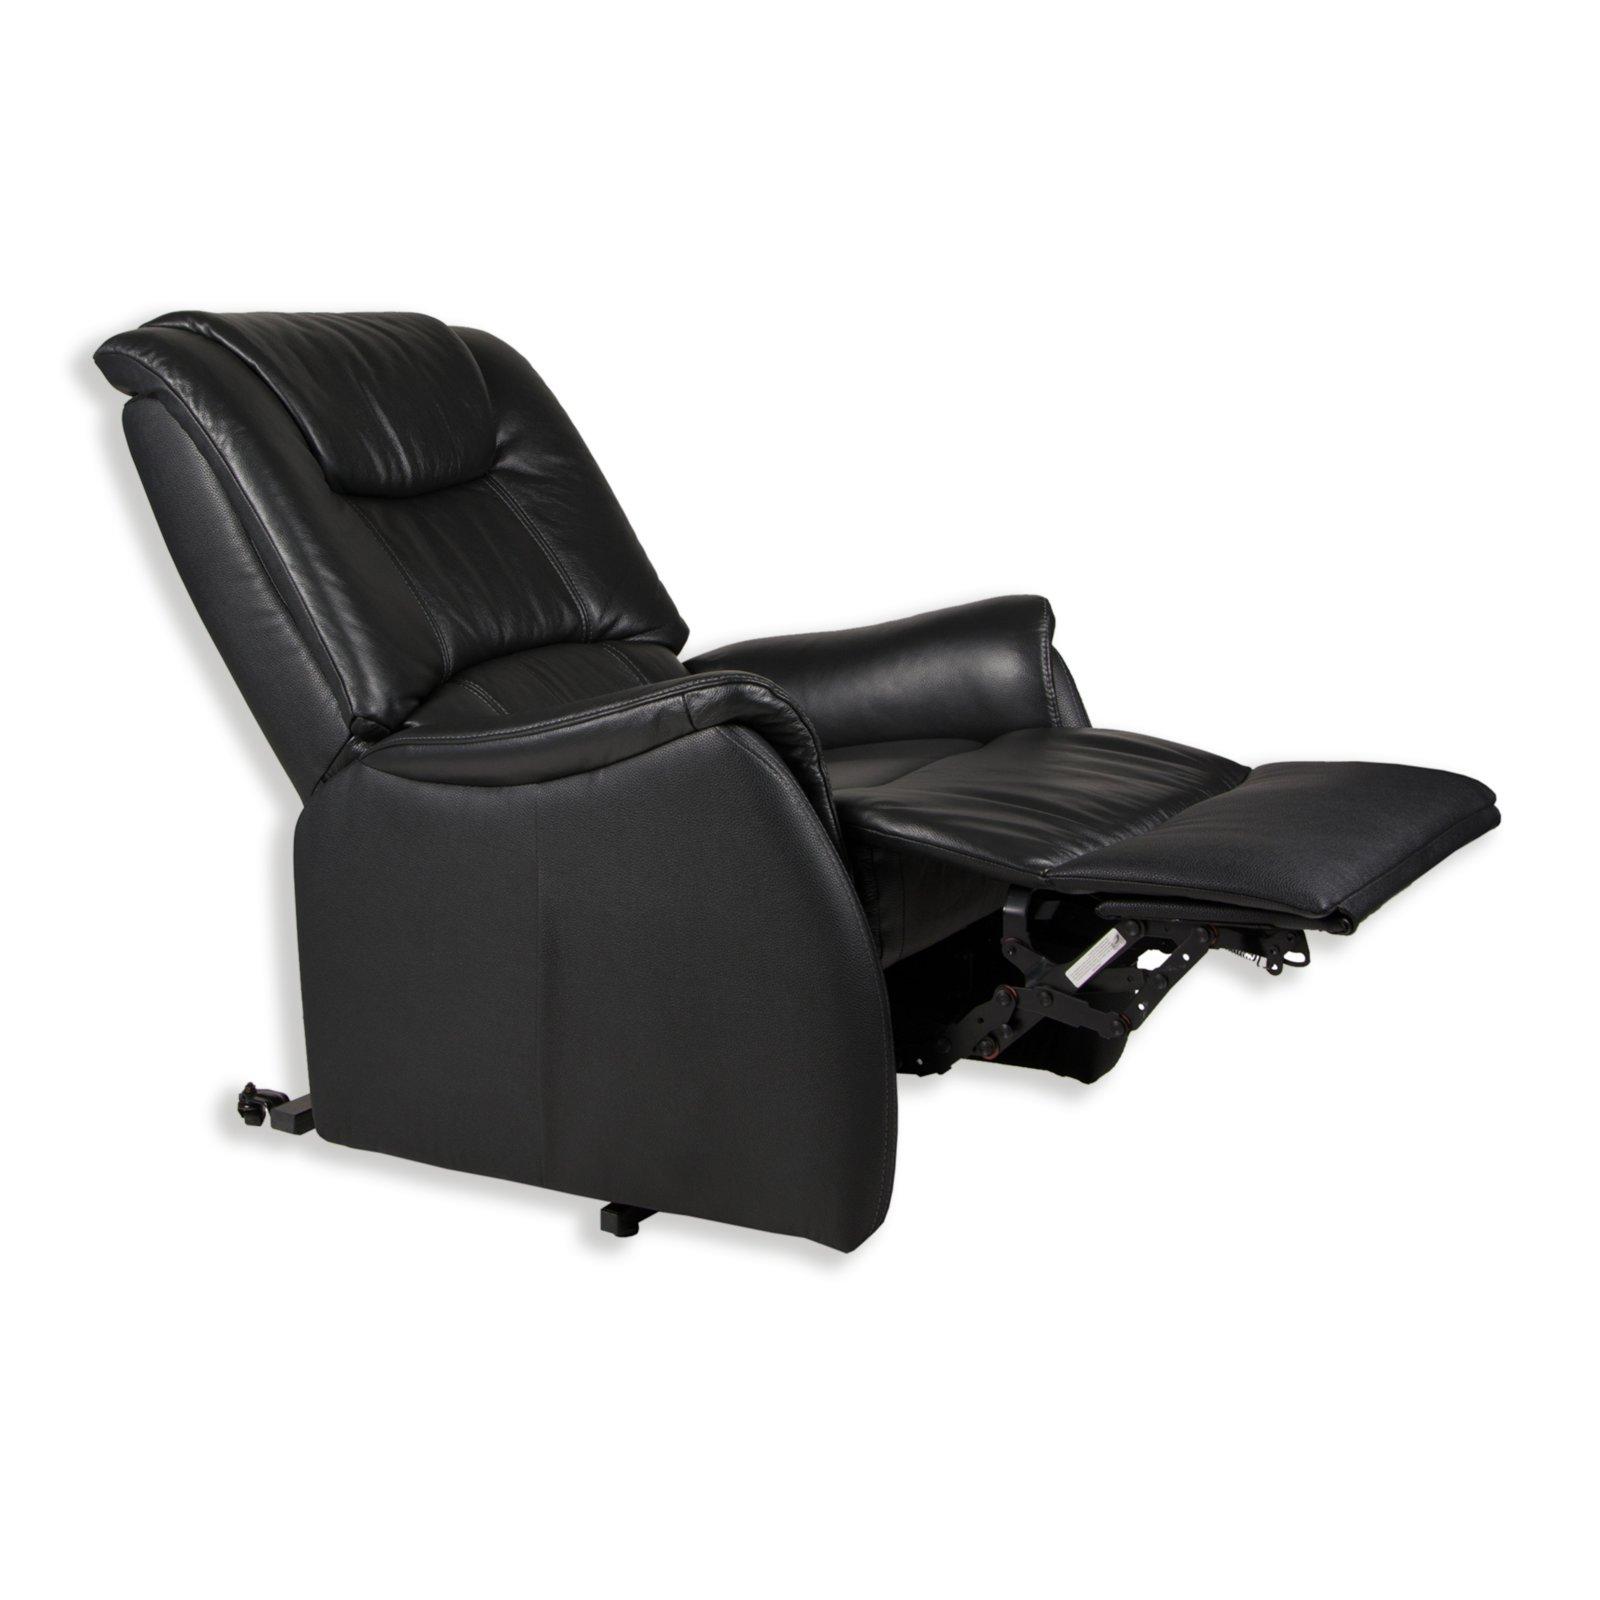 tv sessel xxl schwarz leder mit funktionen ebay. Black Bedroom Furniture Sets. Home Design Ideas